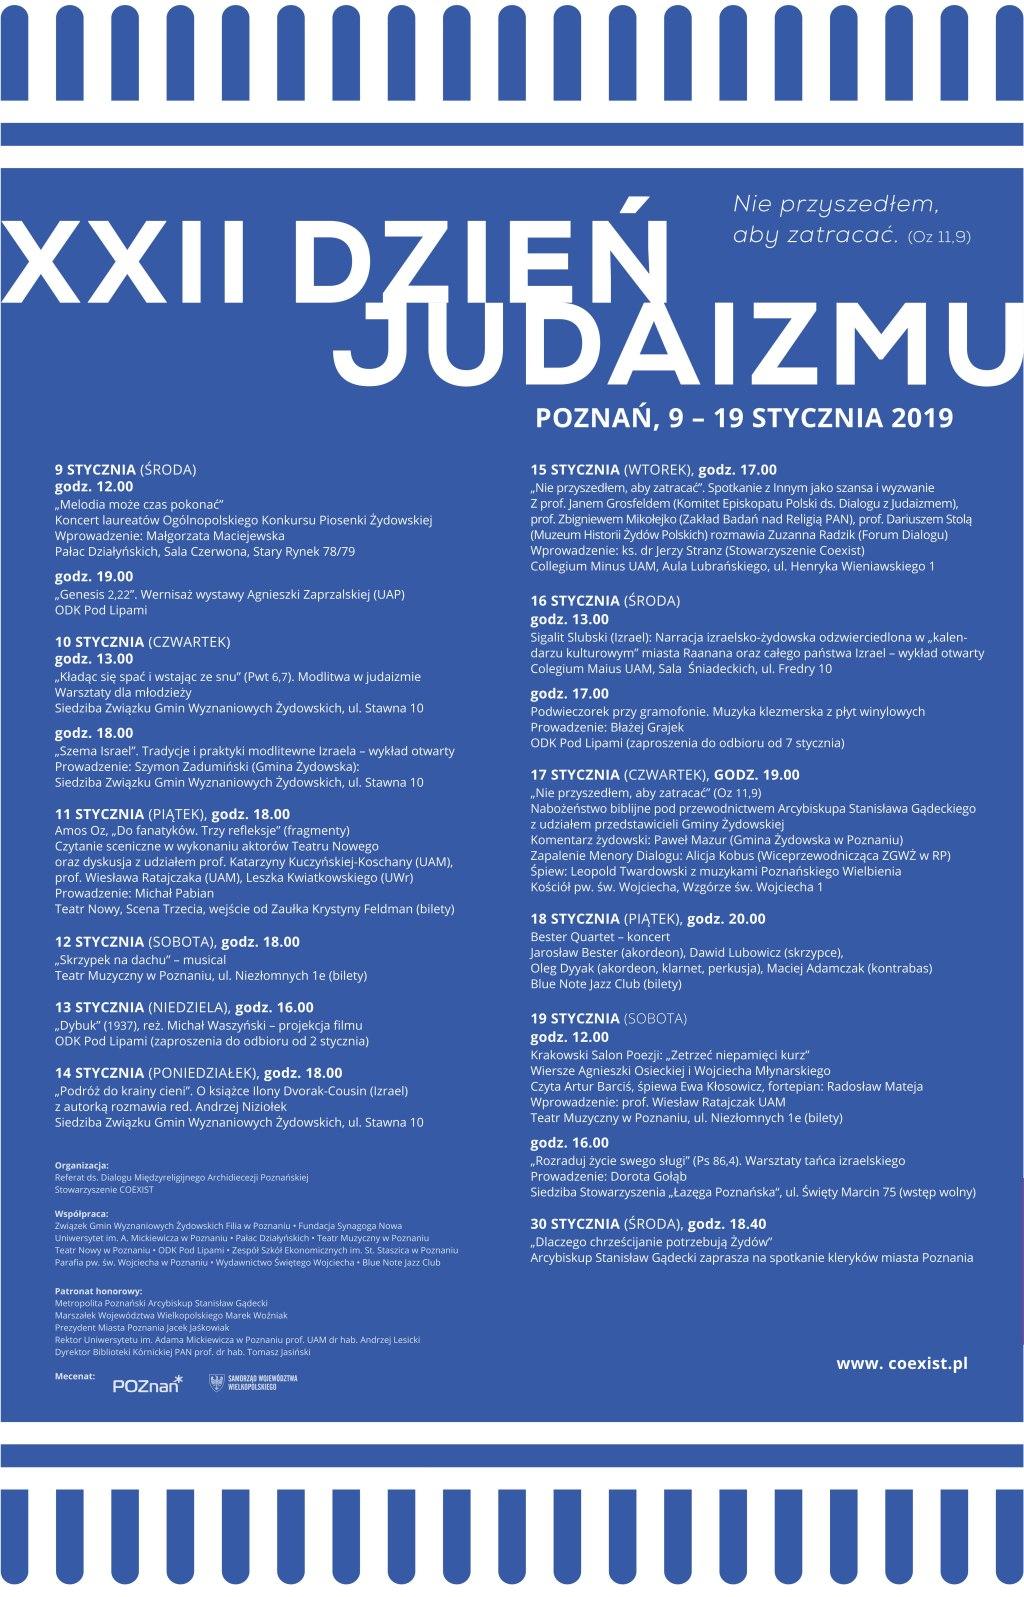 XXII Dzień Judaizmu - Archidiecezja Poznańska